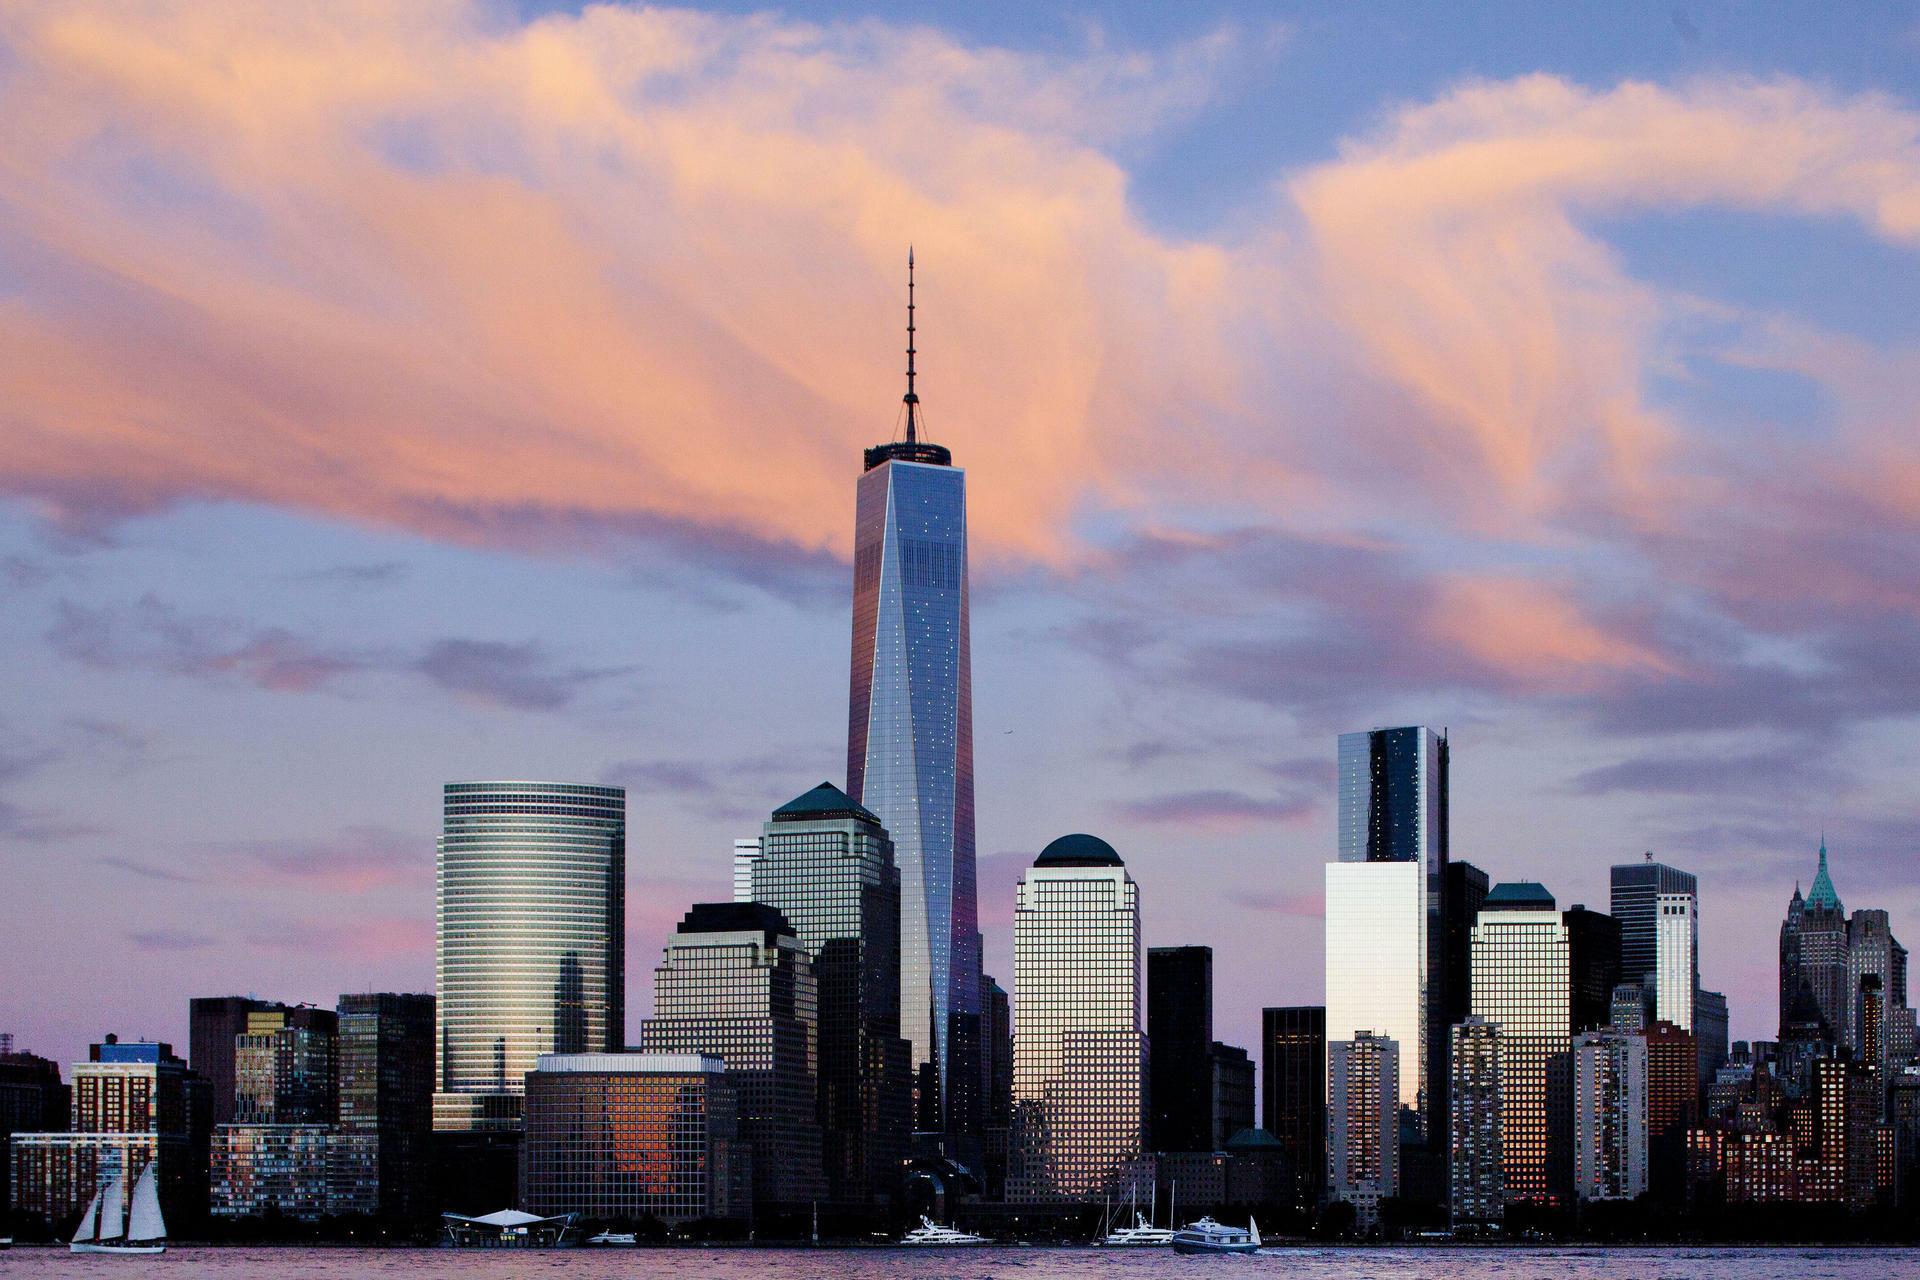 Leben in New York: Neun Quadratmeter für 1100 Dollar